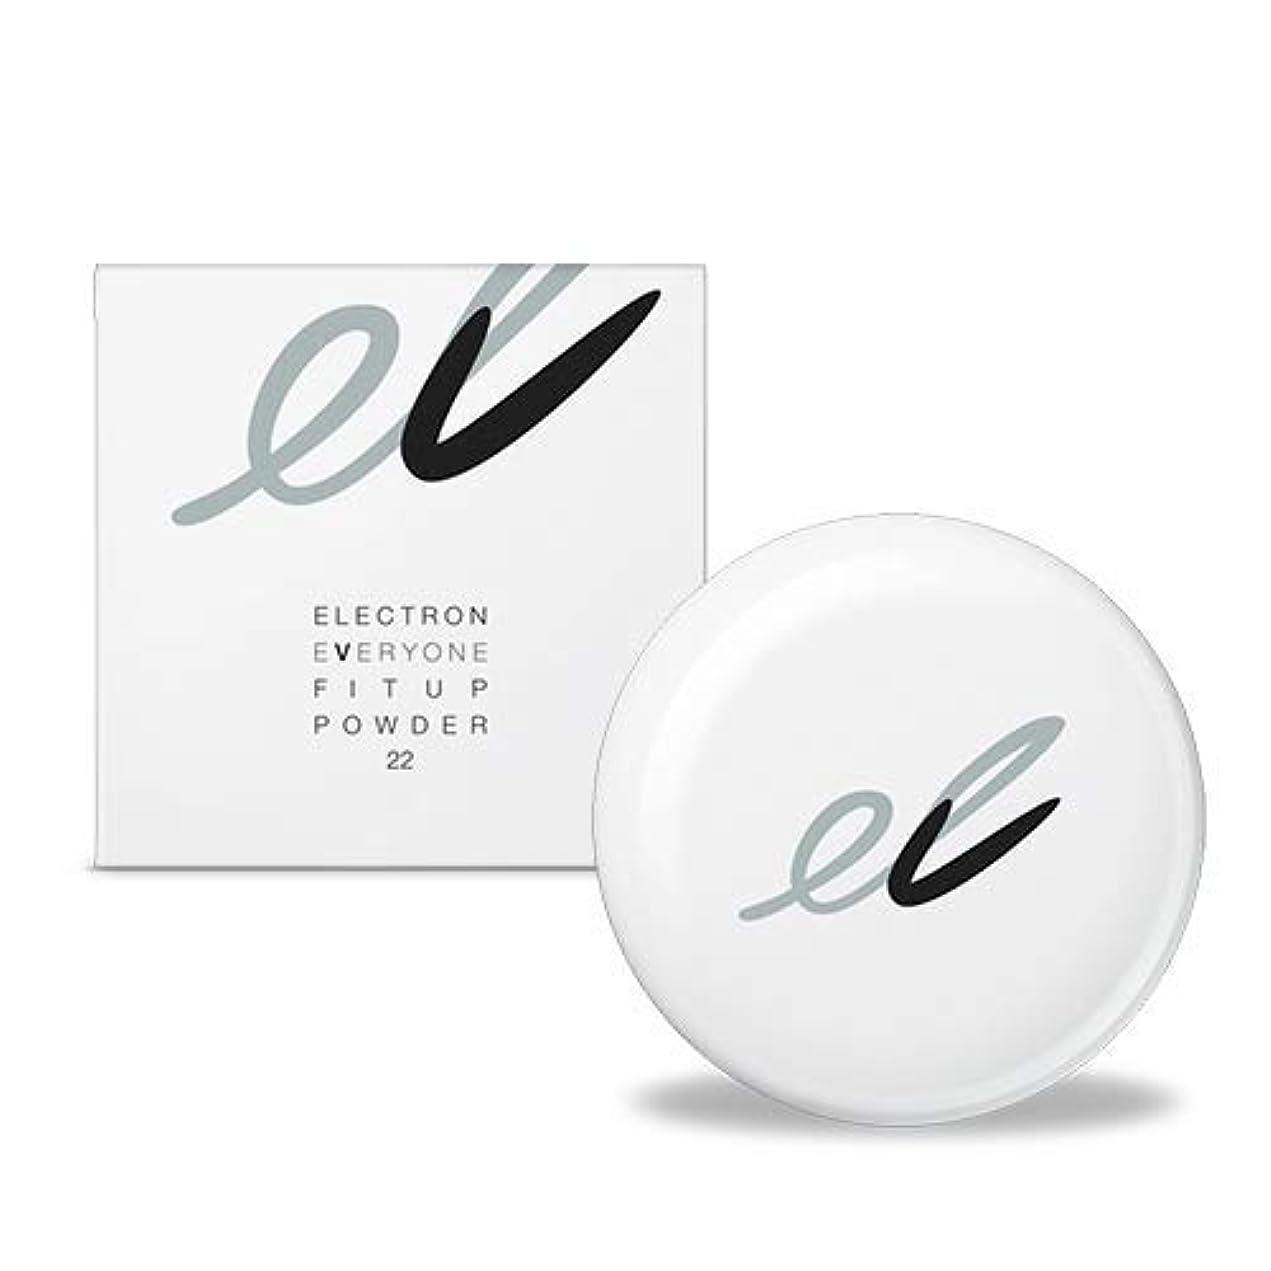 予測子争いスーダン【公式】 ELECTRON EVERYONE エレクトロンエブリワン FIT UP POWDER (ファンデーション) 2043ナチュラル 14g